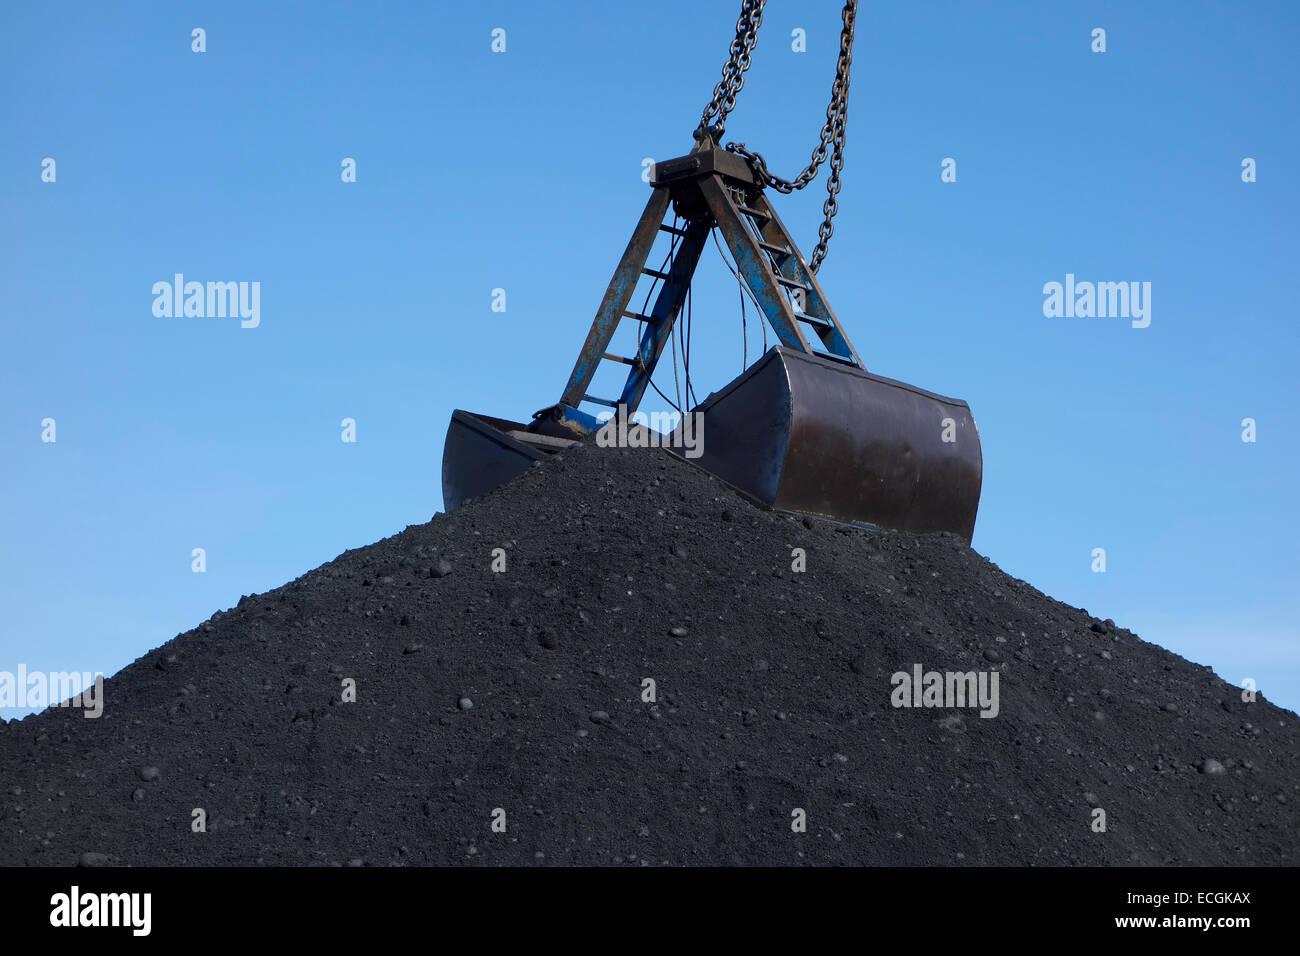 La parte superiore di un enorme mucchio di carbone con benna benna Immagini Stock